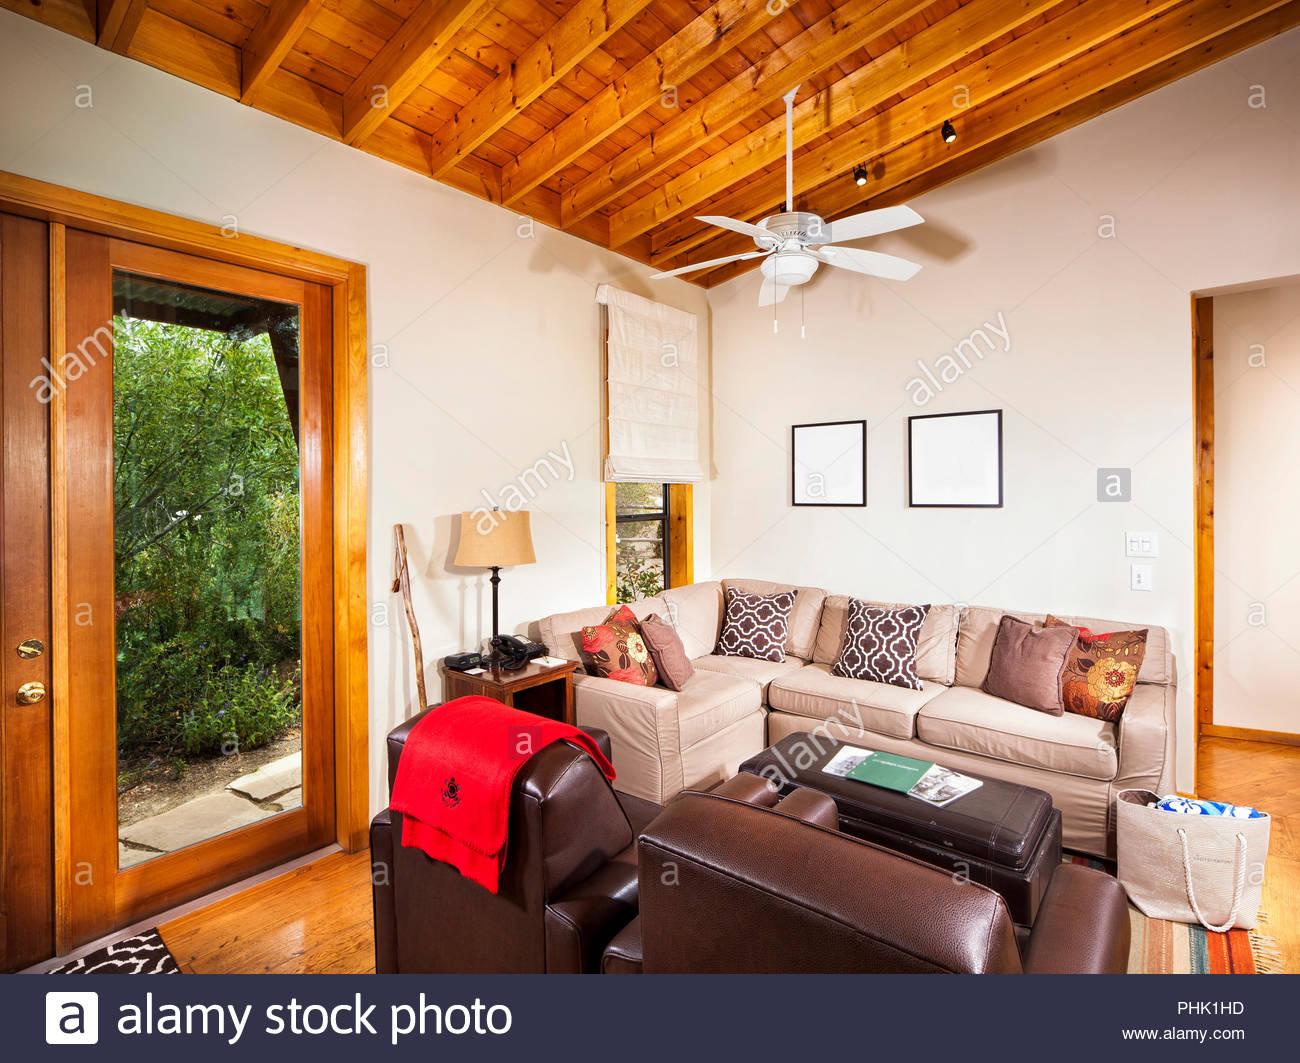 Salle de séjour avec plafond en bois Photo Stock